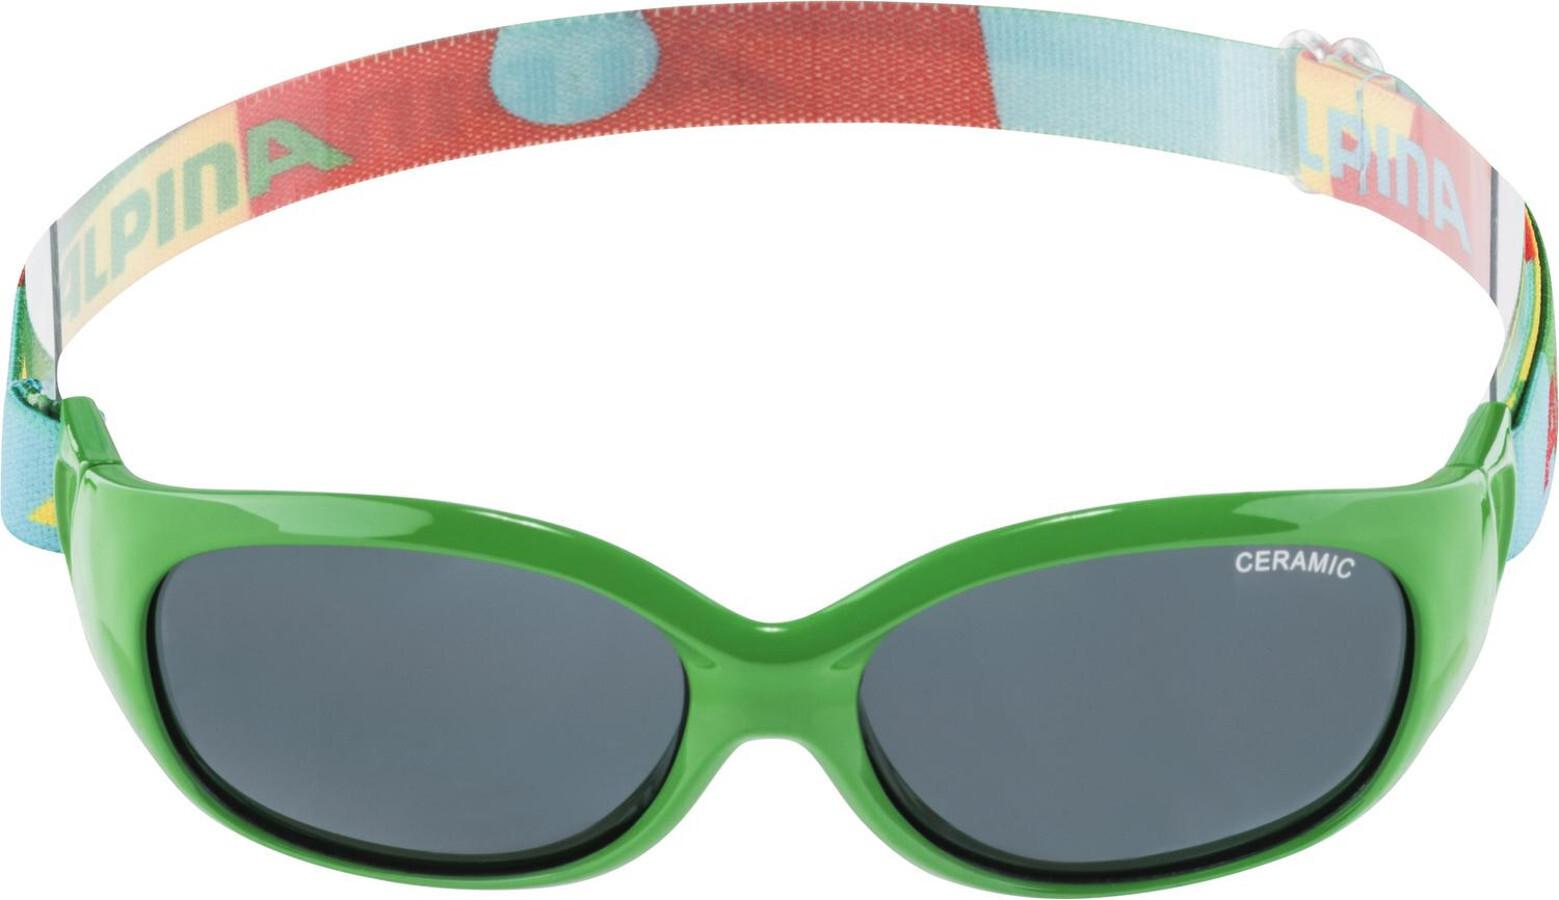 1e97ee1027 Alpina Sports Flexxy - Gafas ciclismo Niños - verde/Multicolor ...